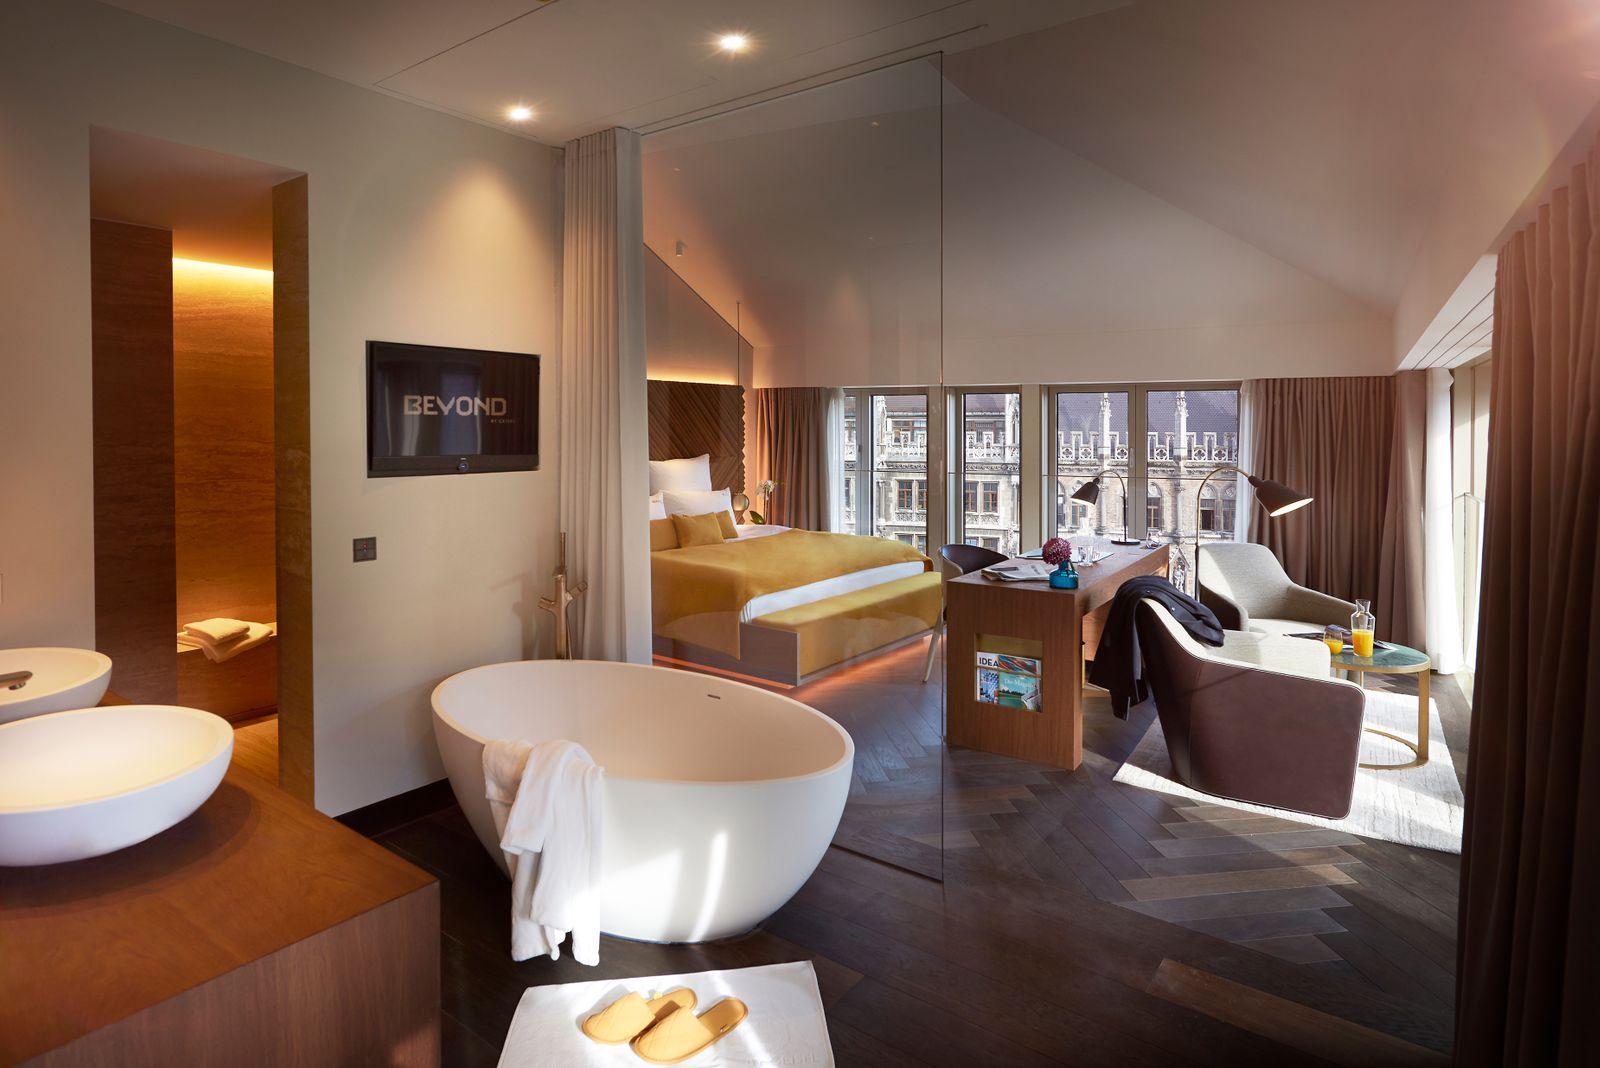 Hotel Beyond by Geisel / München / Zimmer Kategorie U